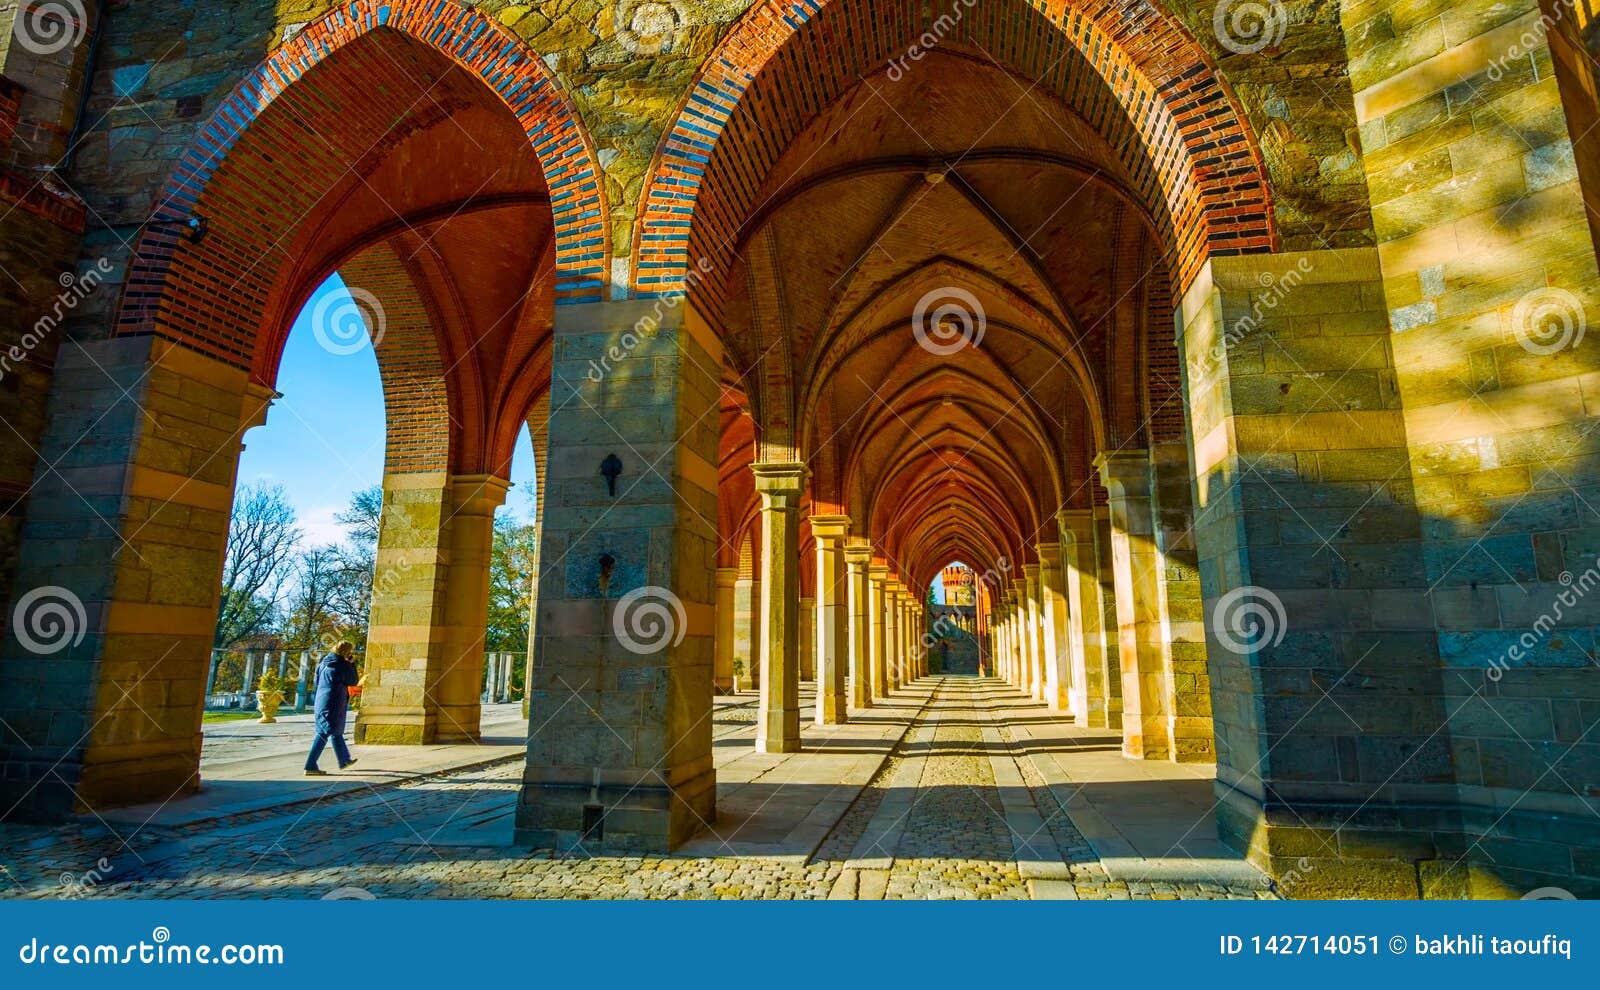 Rue dans la vieille ville : Bel automne dans le jardin - Pologne du nord - avec un tunnel au milieu des montagnes - avec un corr